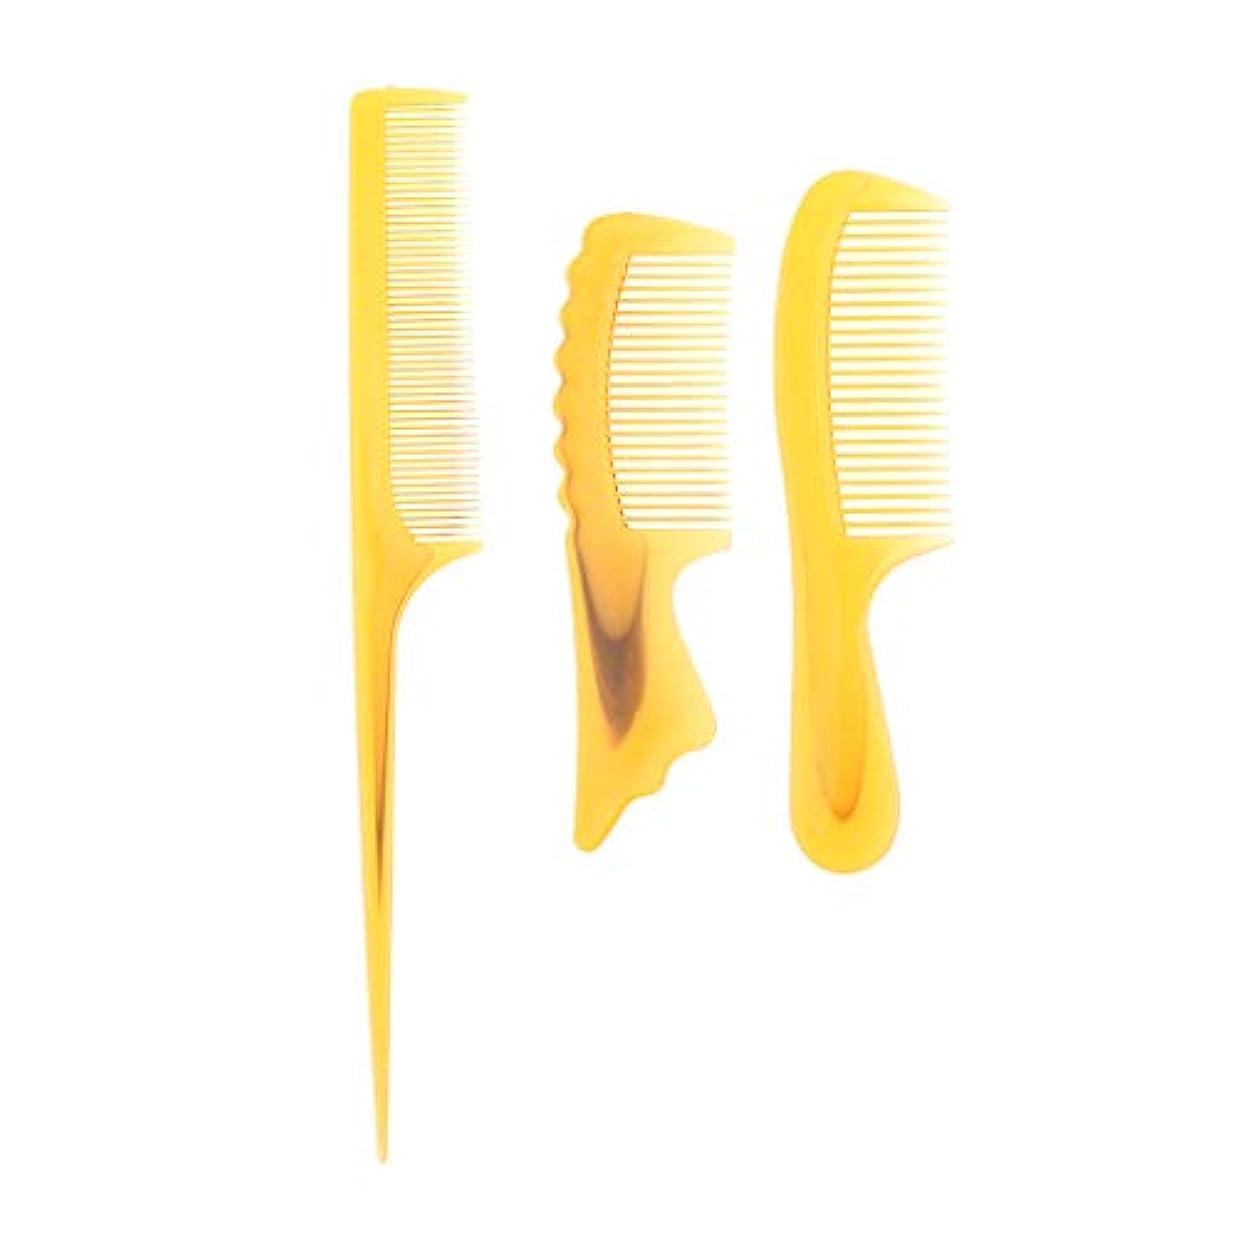 疎外するエンターテインメント粘性の3個 ヘアコーム 静電防止櫛 コーム 理髪 美容師 ヘアケア